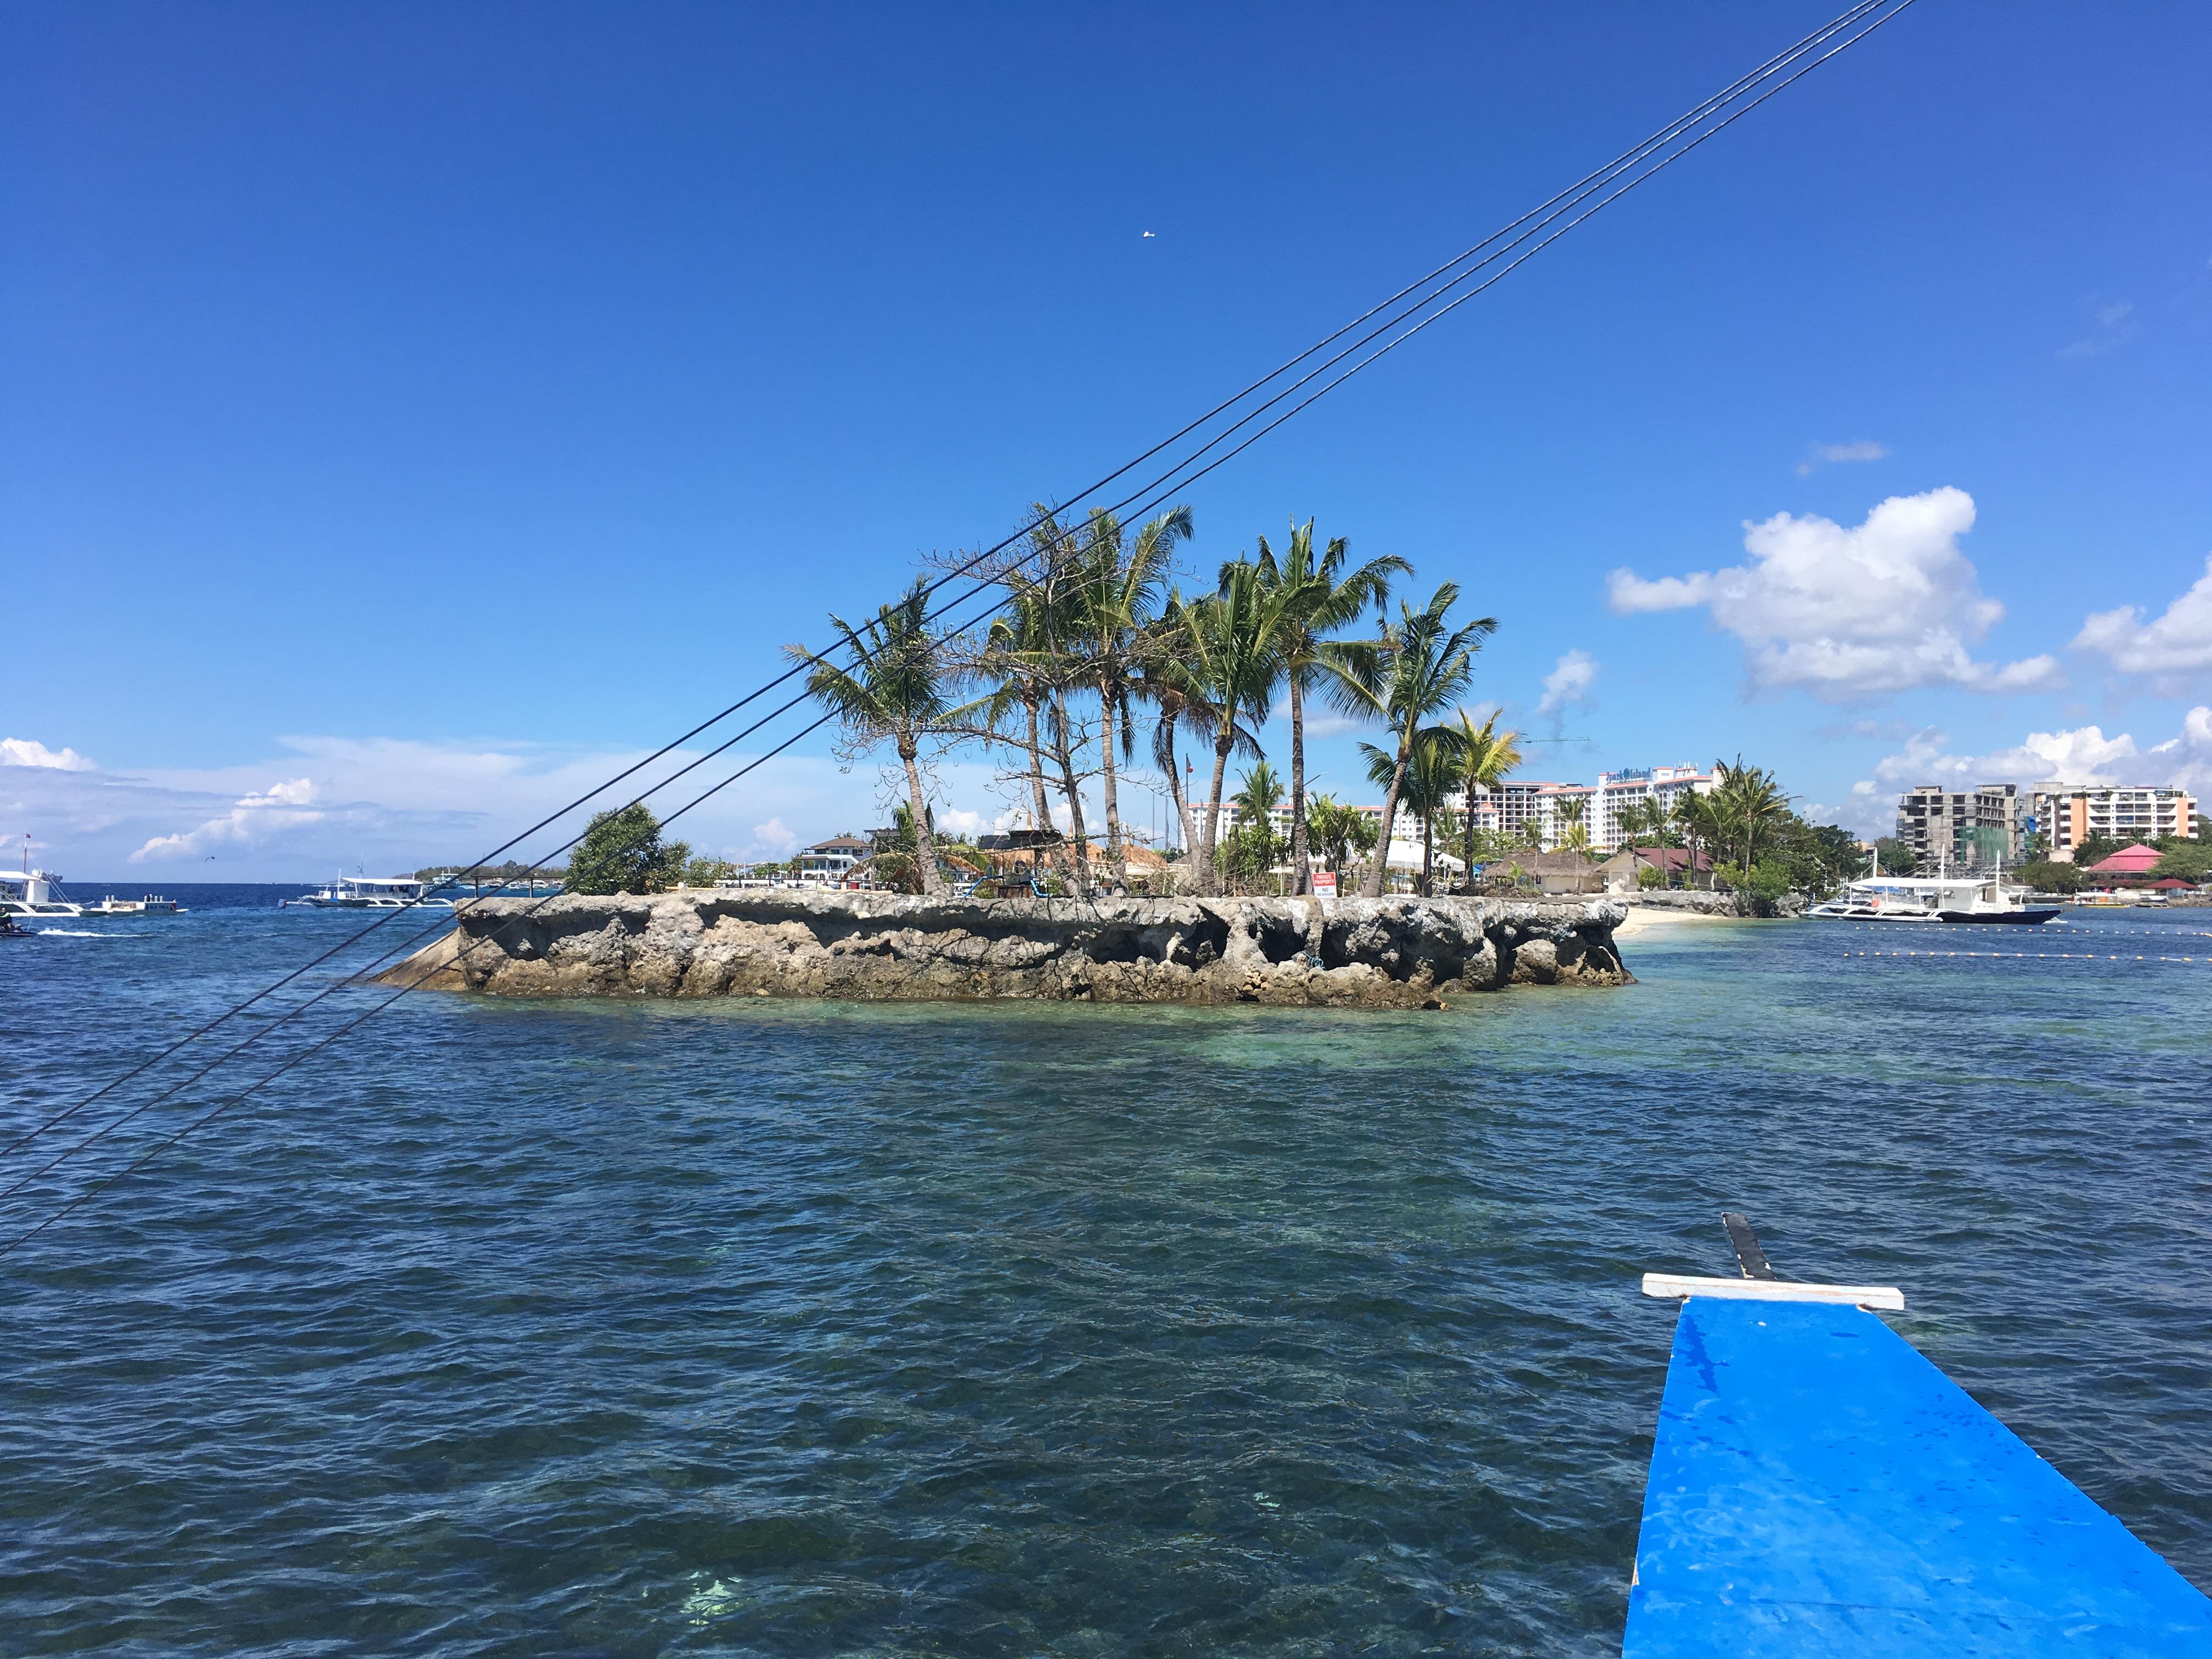 【 여섯6번째 나홀로 여행 3탄 】 씨홀스 다이브 리조트(Seahorse Dive Resort) & 세부(CEBU) 막탄(Mactan)섬 펀다이빙